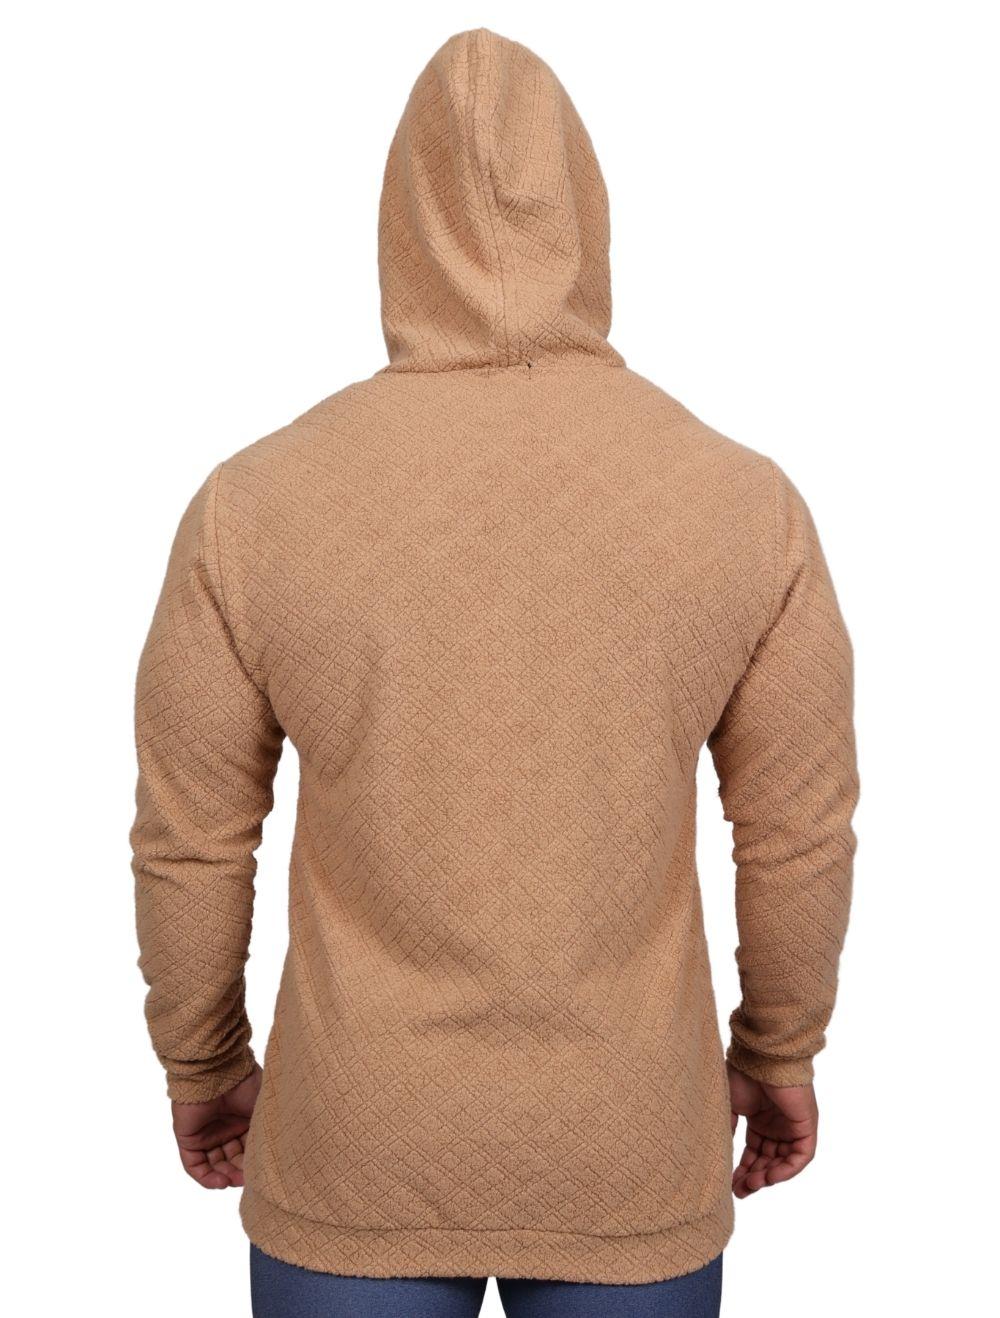 Blusa de malha Masculina Peluciada com Capuz Caramelo